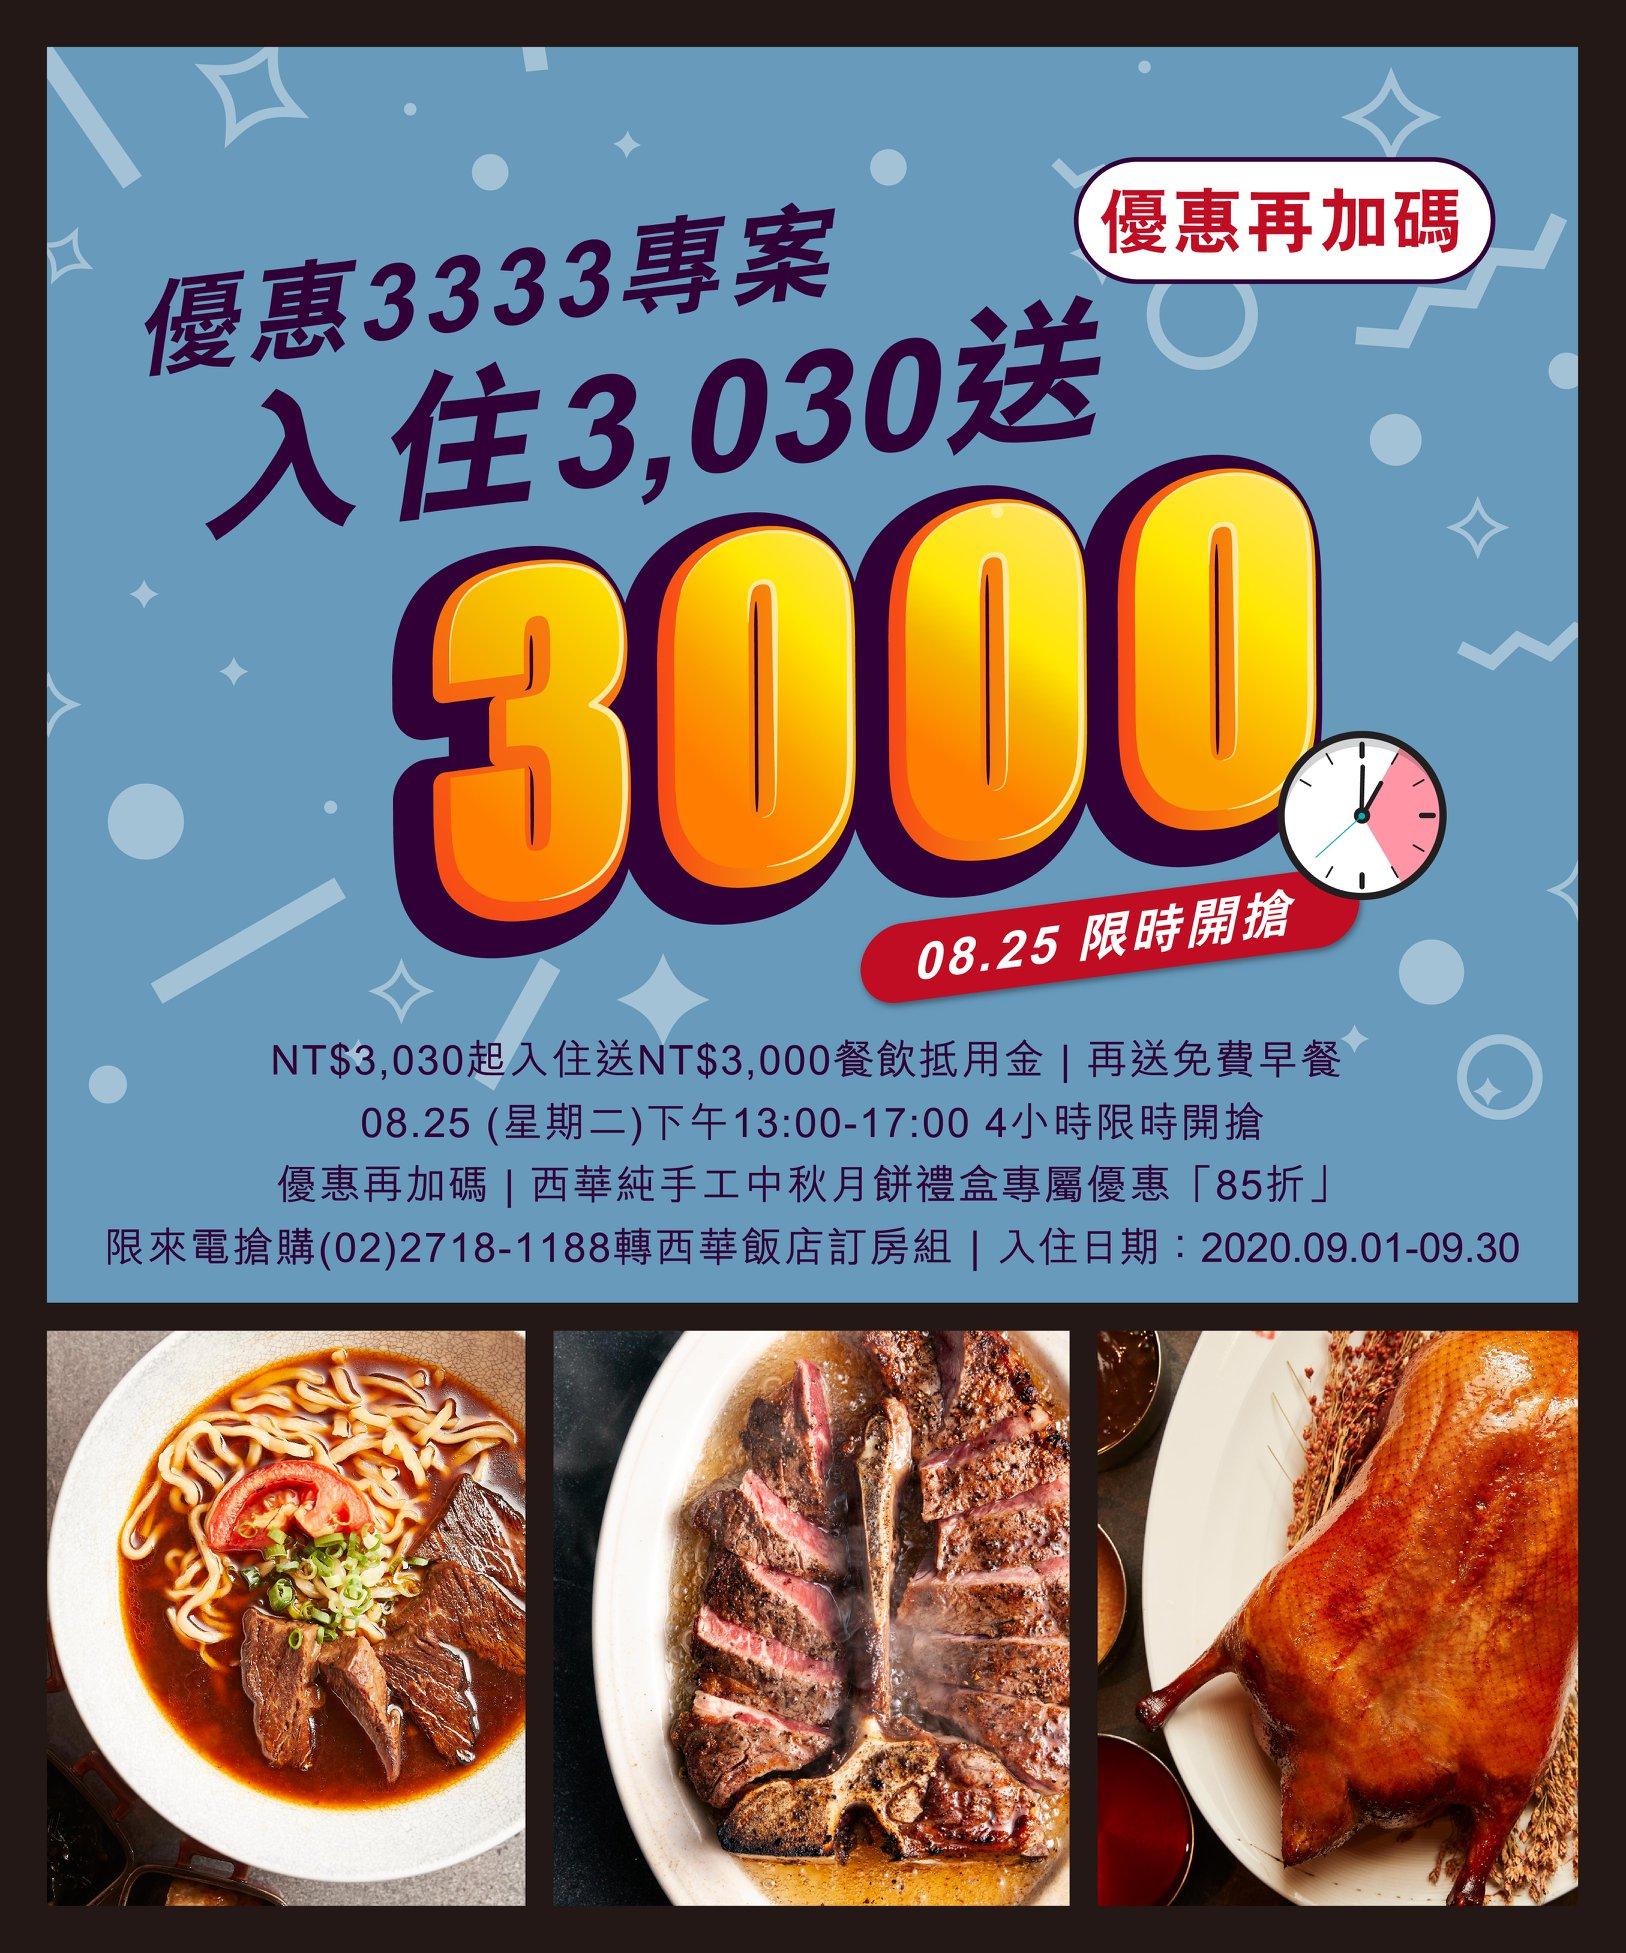 台北西華限時促銷 8/25下午一點~五點開搶,3030入住,送3000抵用金,含早餐~還可以安心旅遊補助